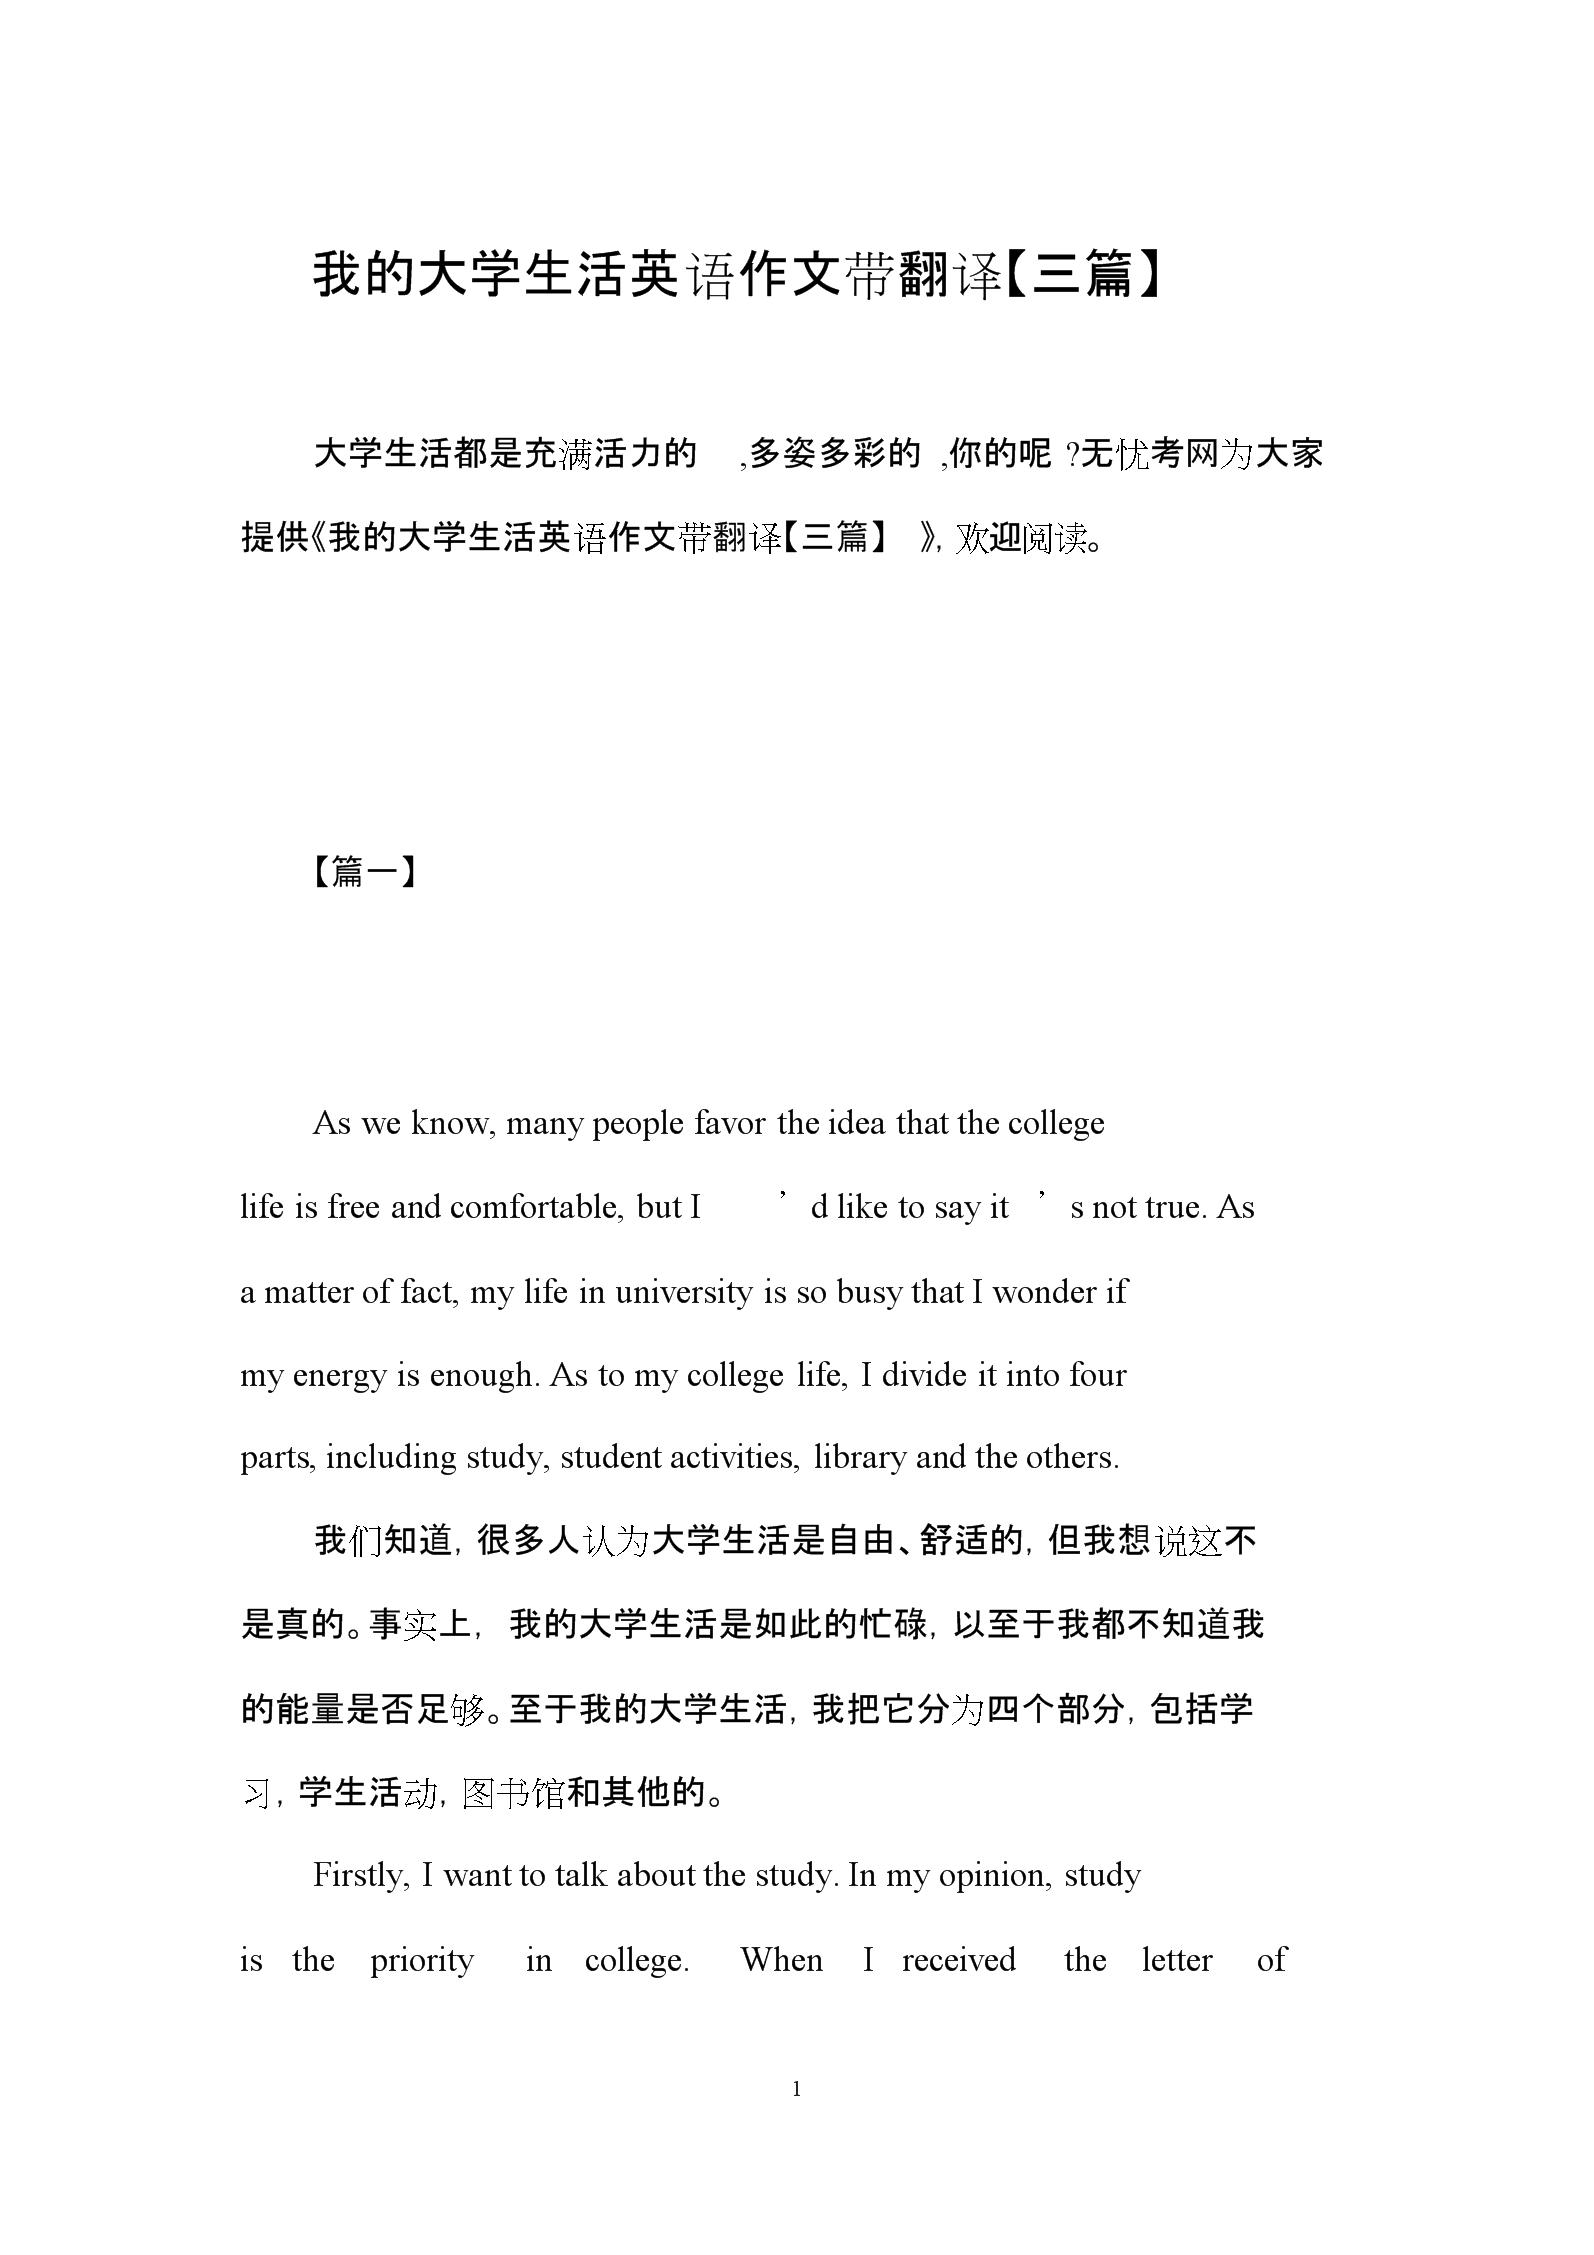 我的大学生活英语作文带翻译【三篇】.doc